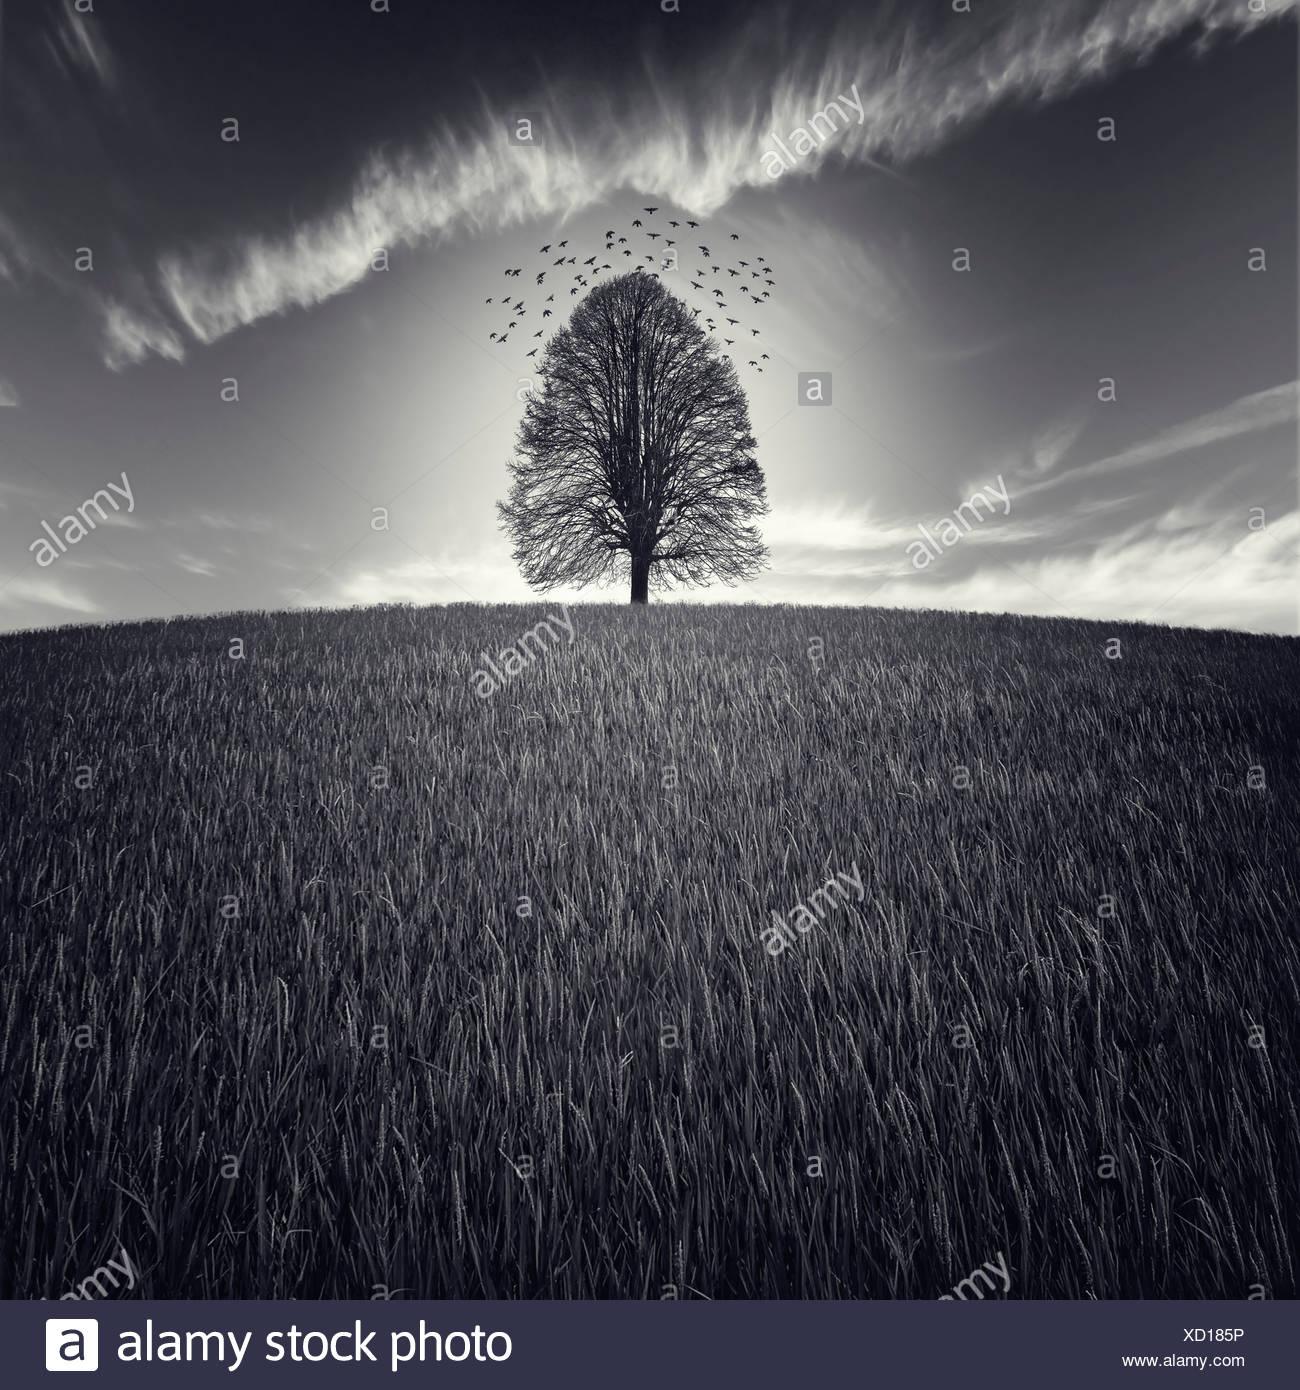 Un solo árbol en un gran campo con aves volando en el cielo Imagen De Stock